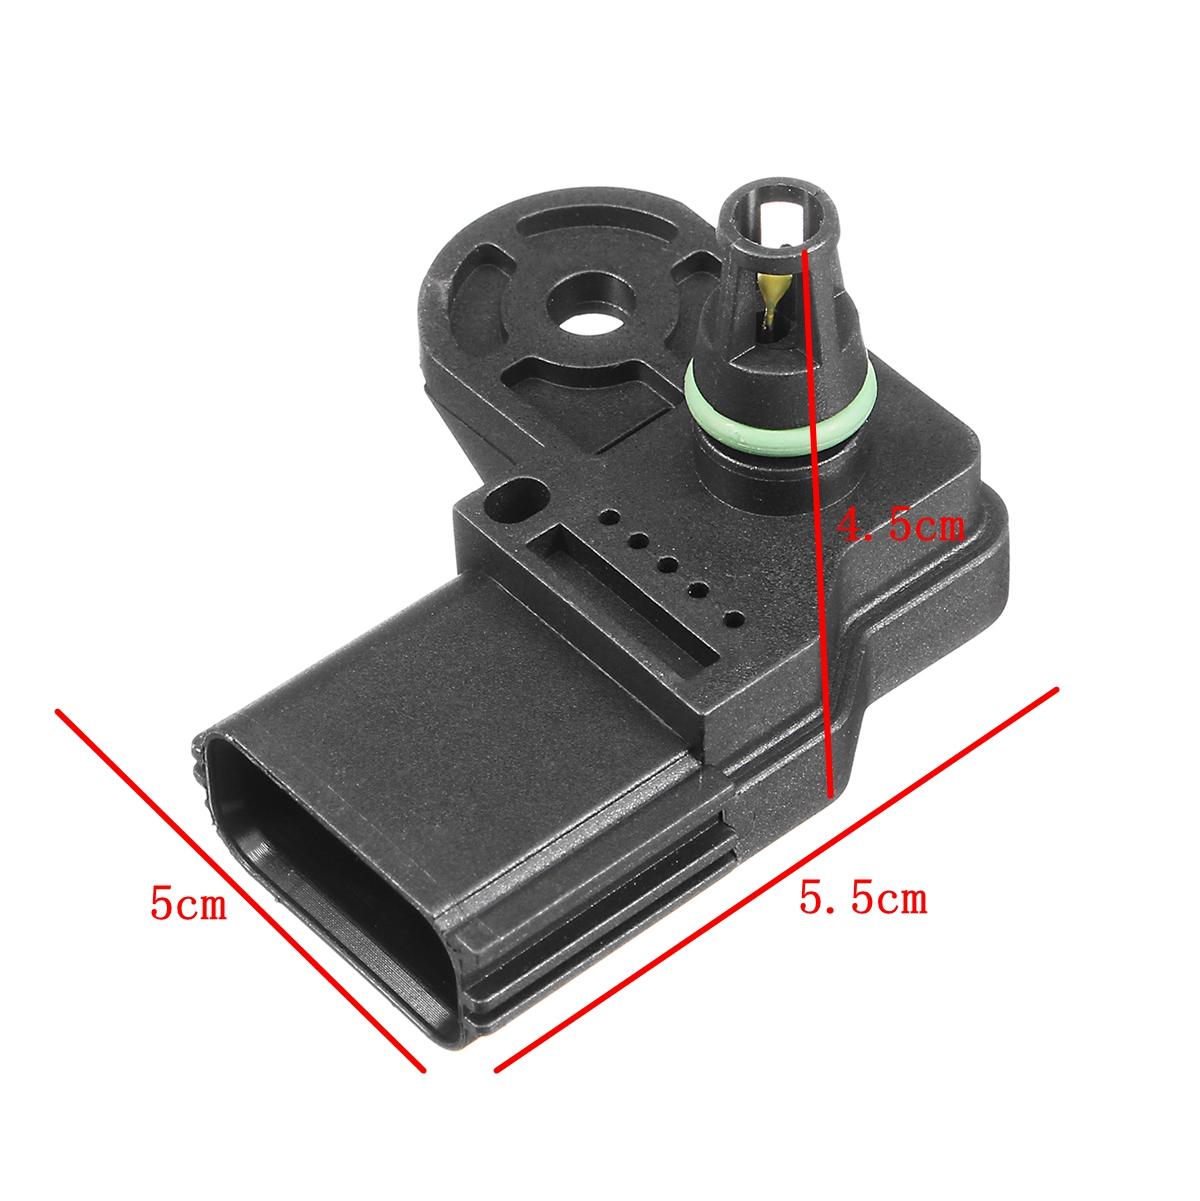 Давление подачи воздуха в коллекторе Датчик для реле Citroen и для указ Ducato - фото 7